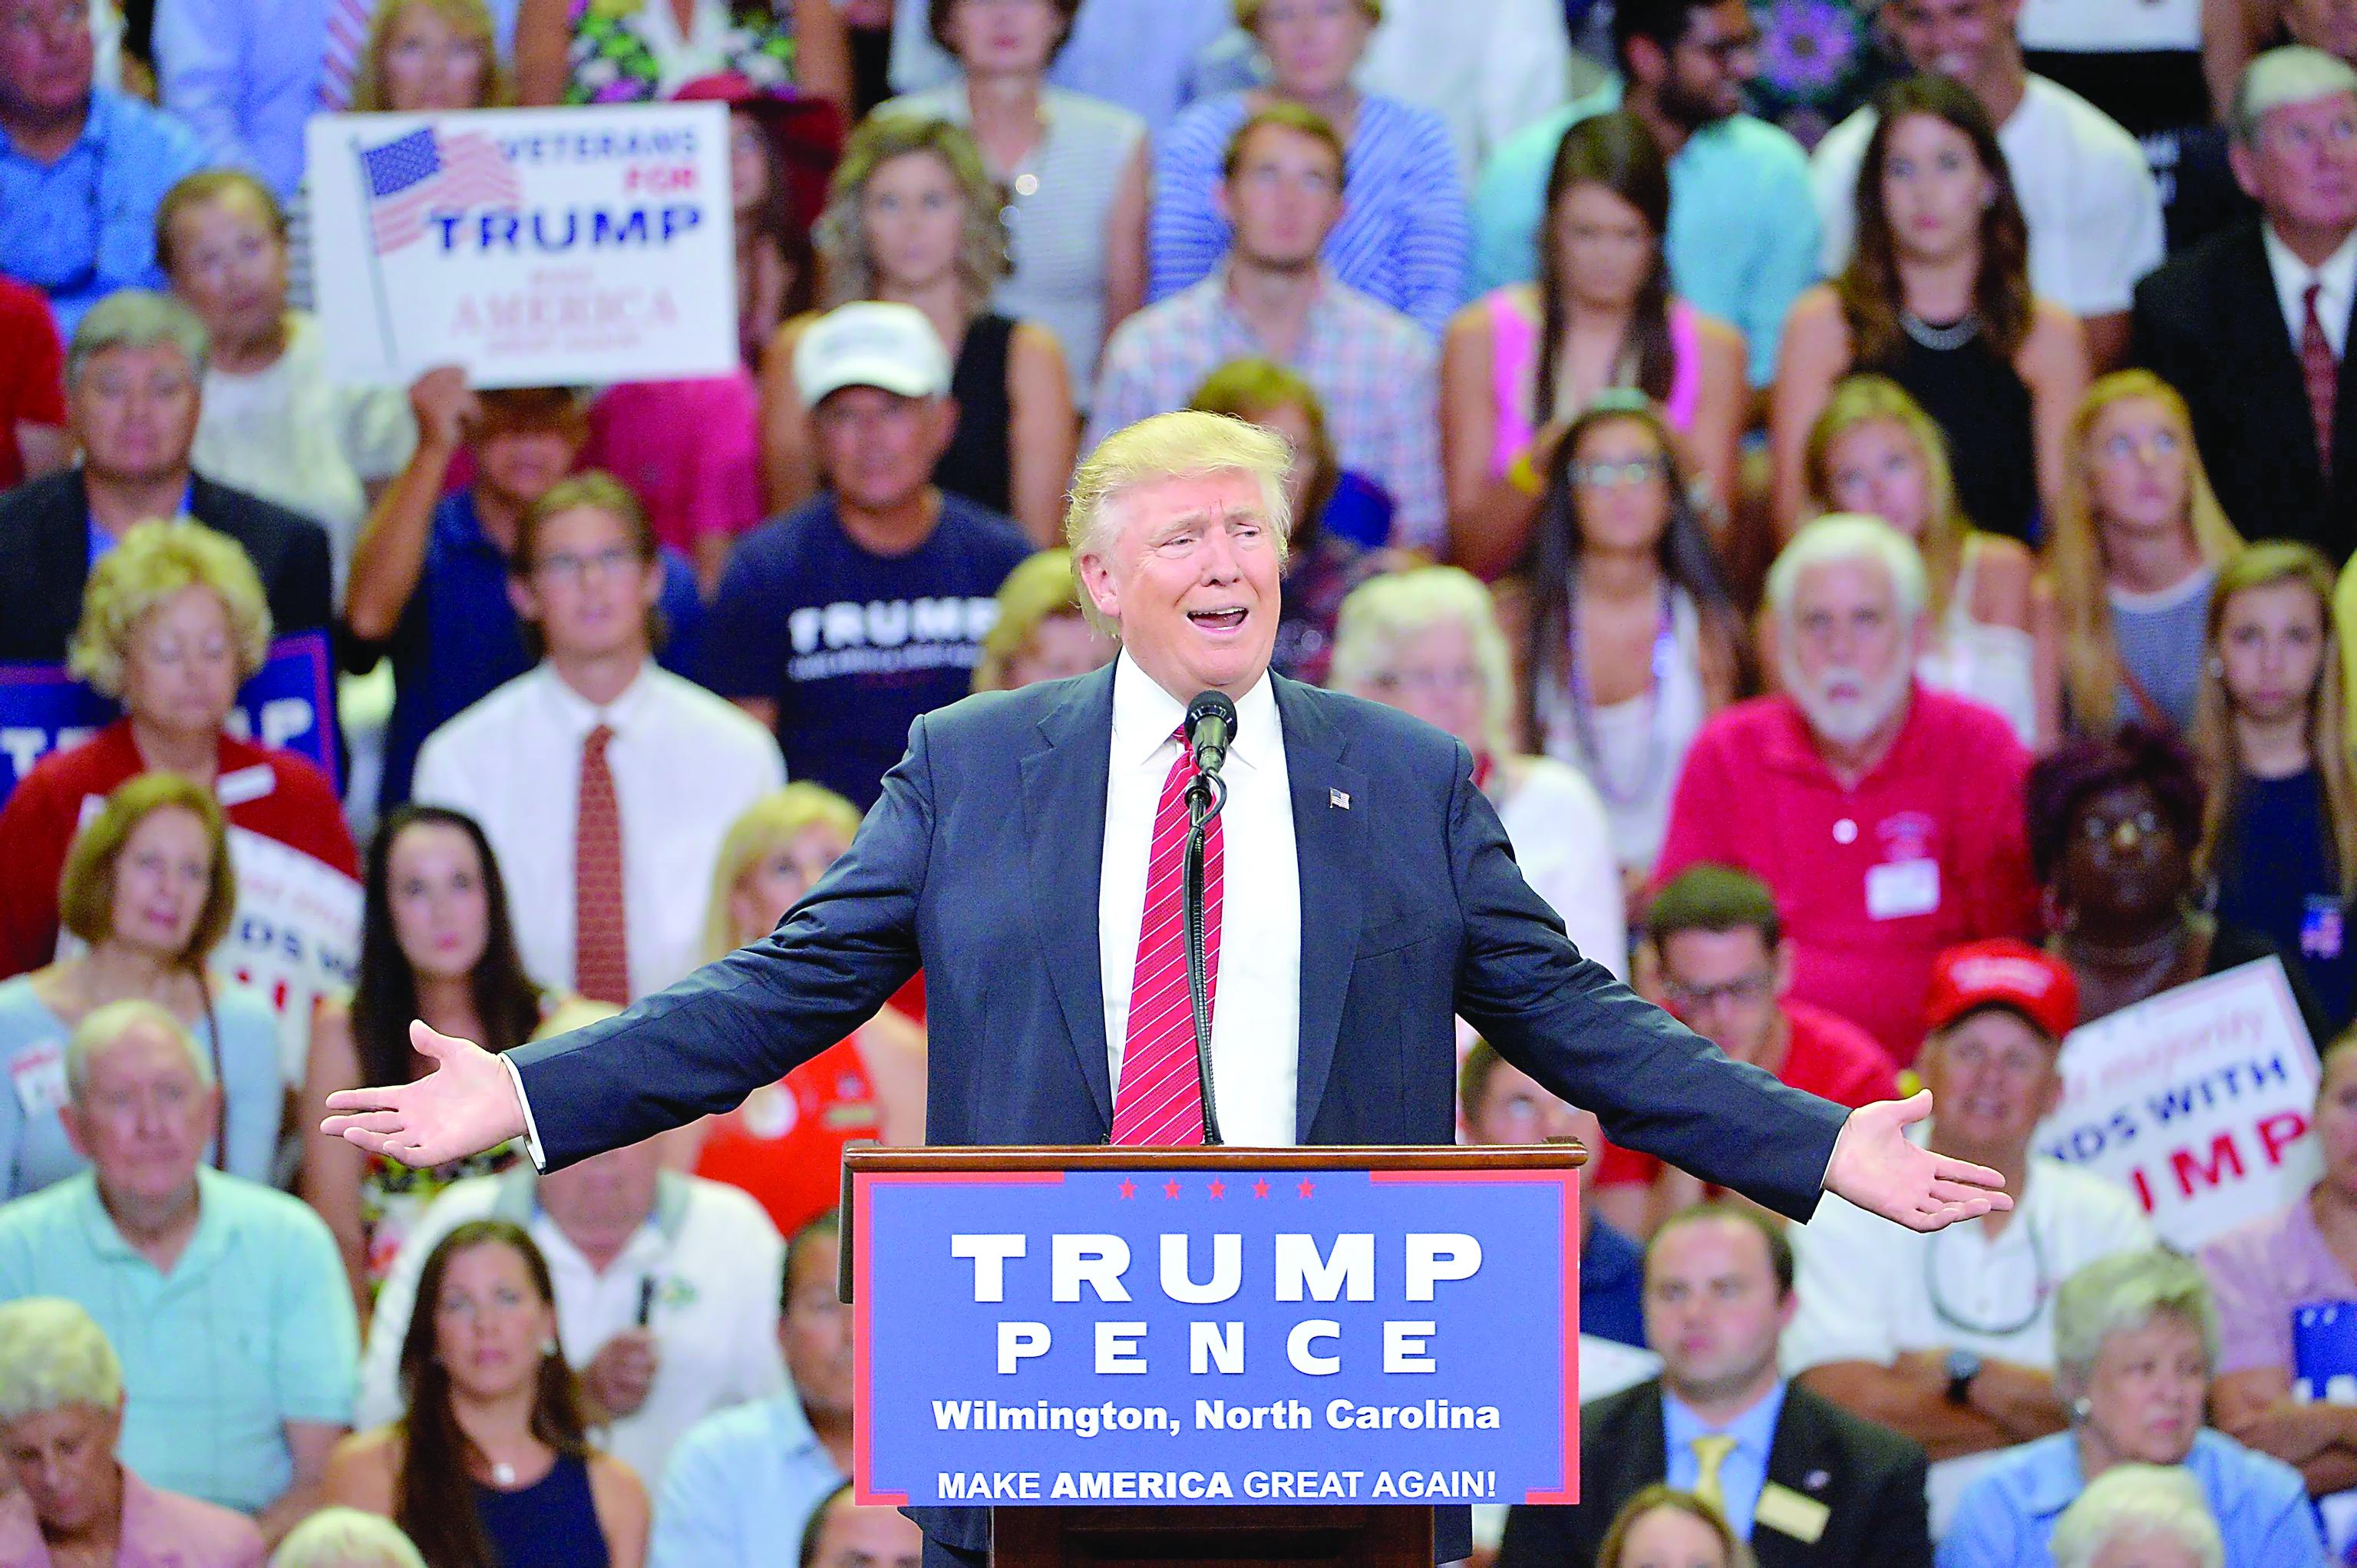 ترامب يضاعف نفقات حملته وديون شركاته تصل إلى 650 مليون دولار